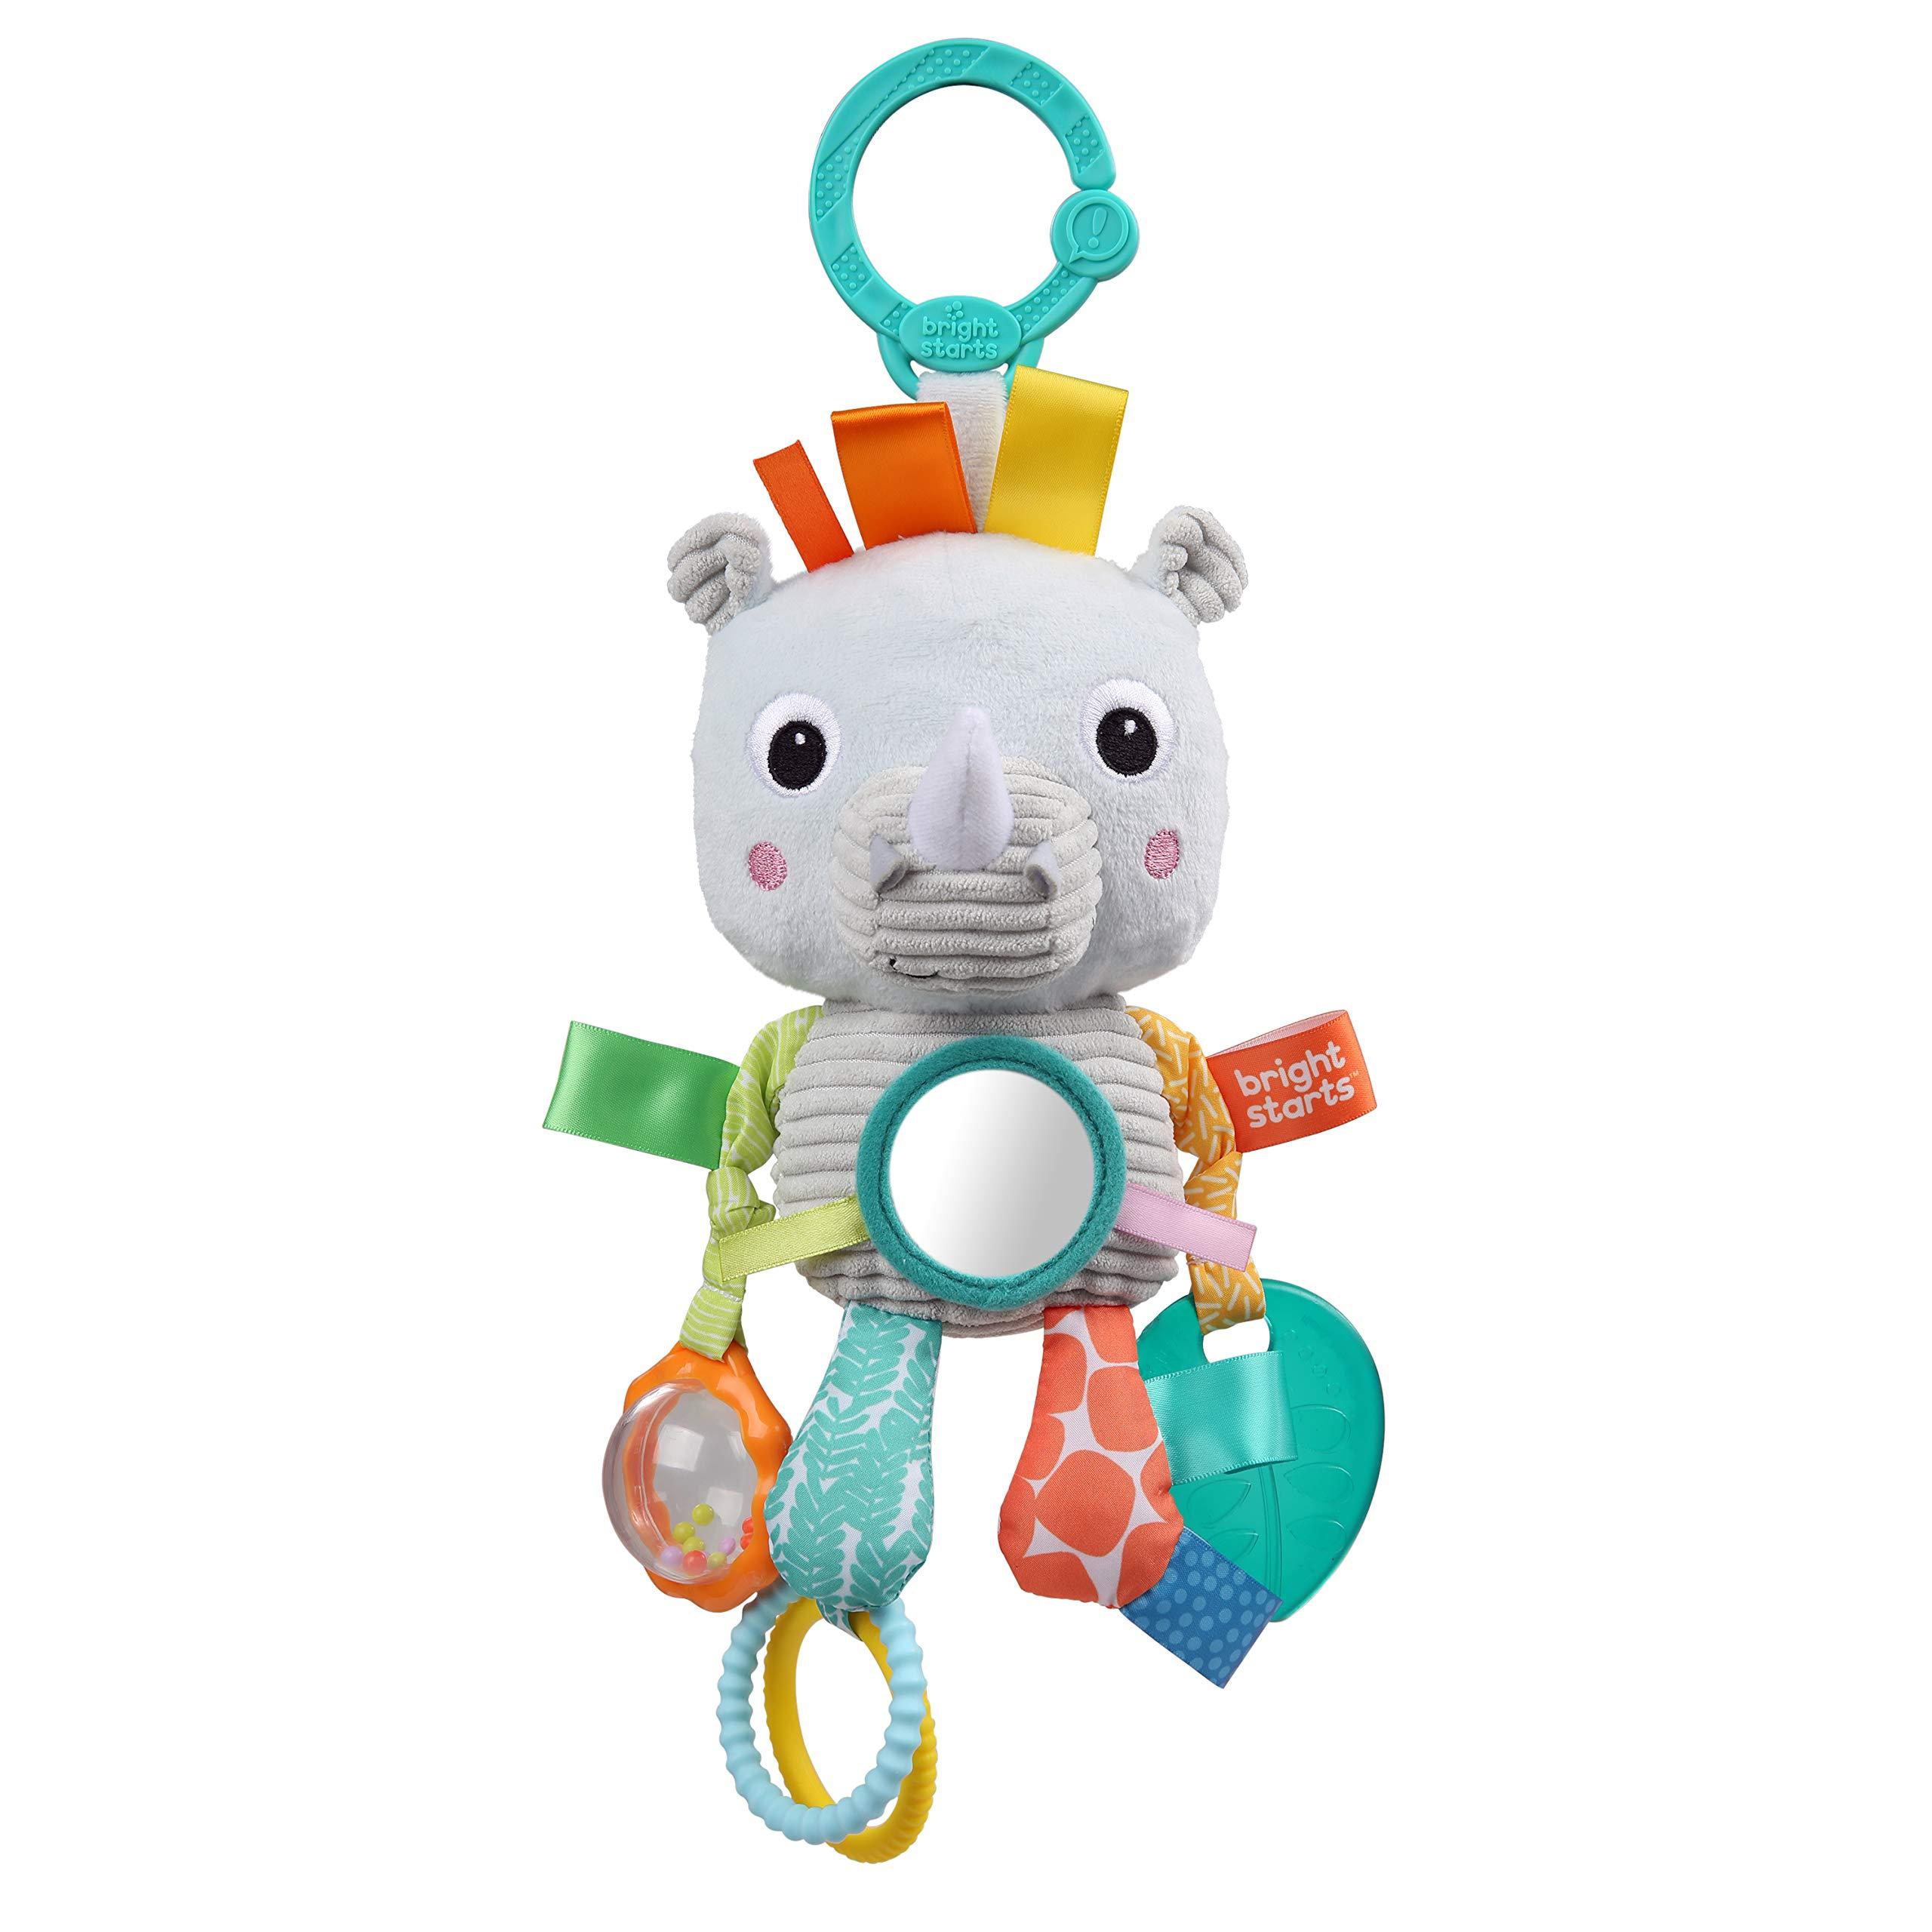 Bright Starts Playful Pals Activity Take-Along Toy, Rhino, Newborn +